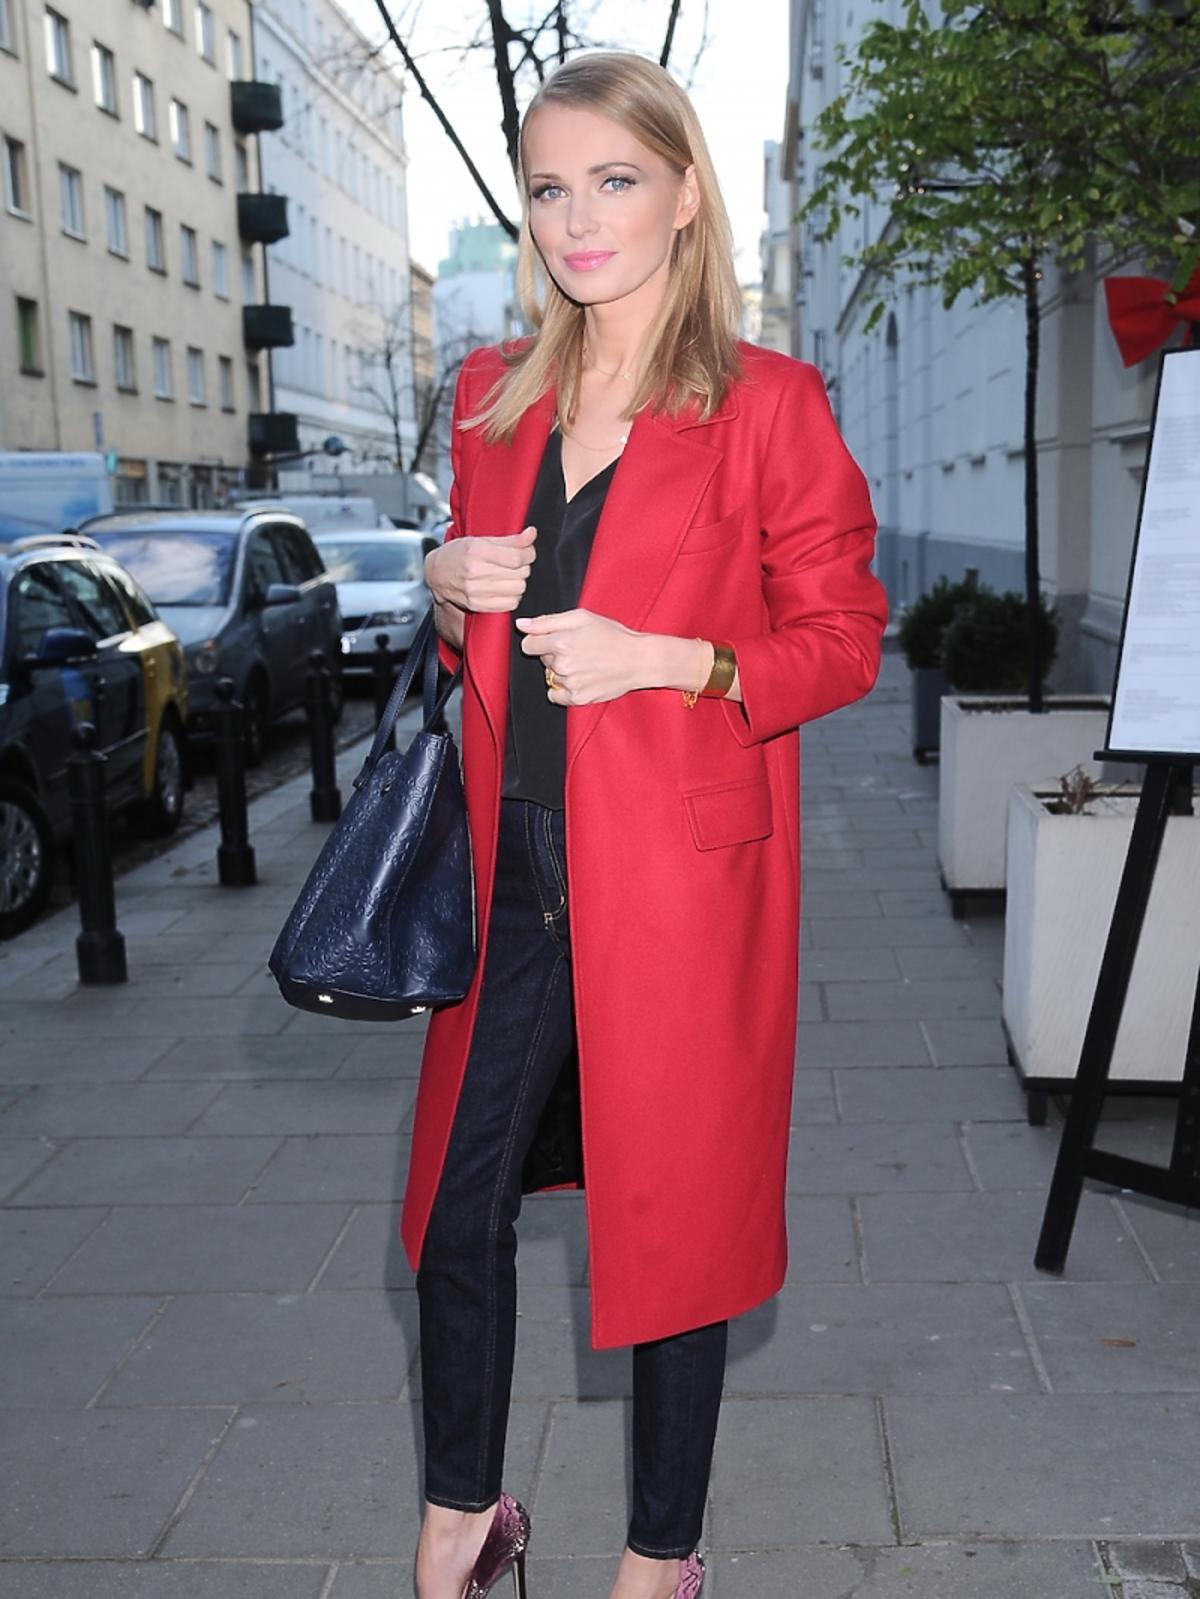 Agnieszka Cegielska  czerwonym płaszczy na ulicy